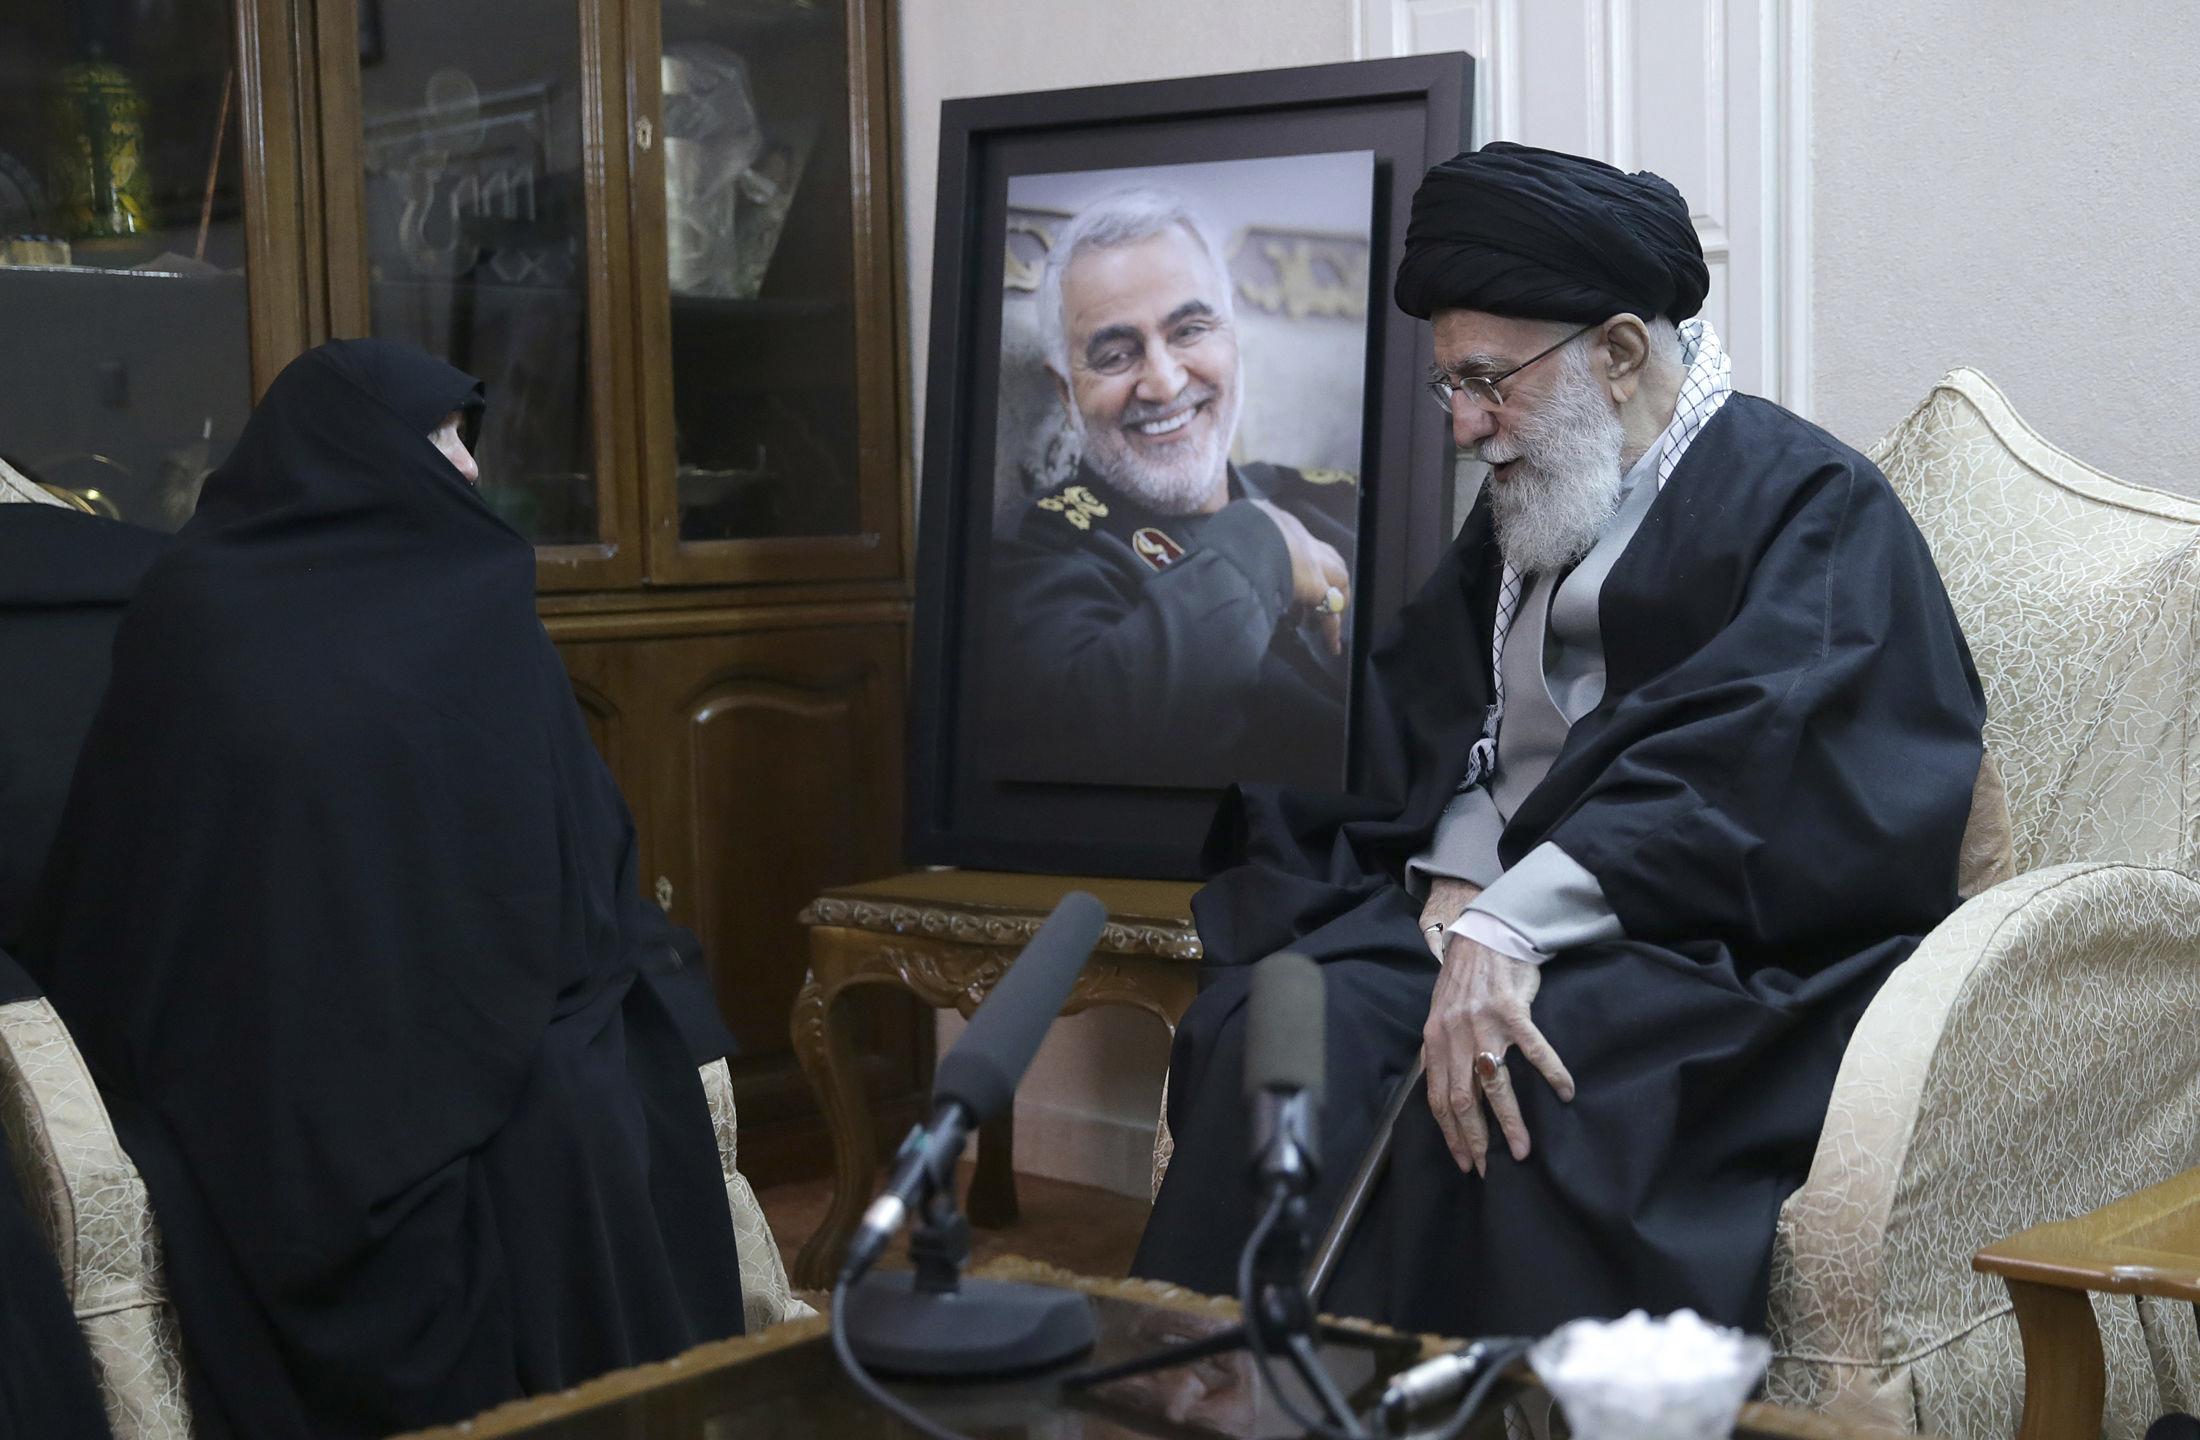 خياران كارثيان: سيناريوهات الرد الإيراني على اغتيال قاسم سليماني